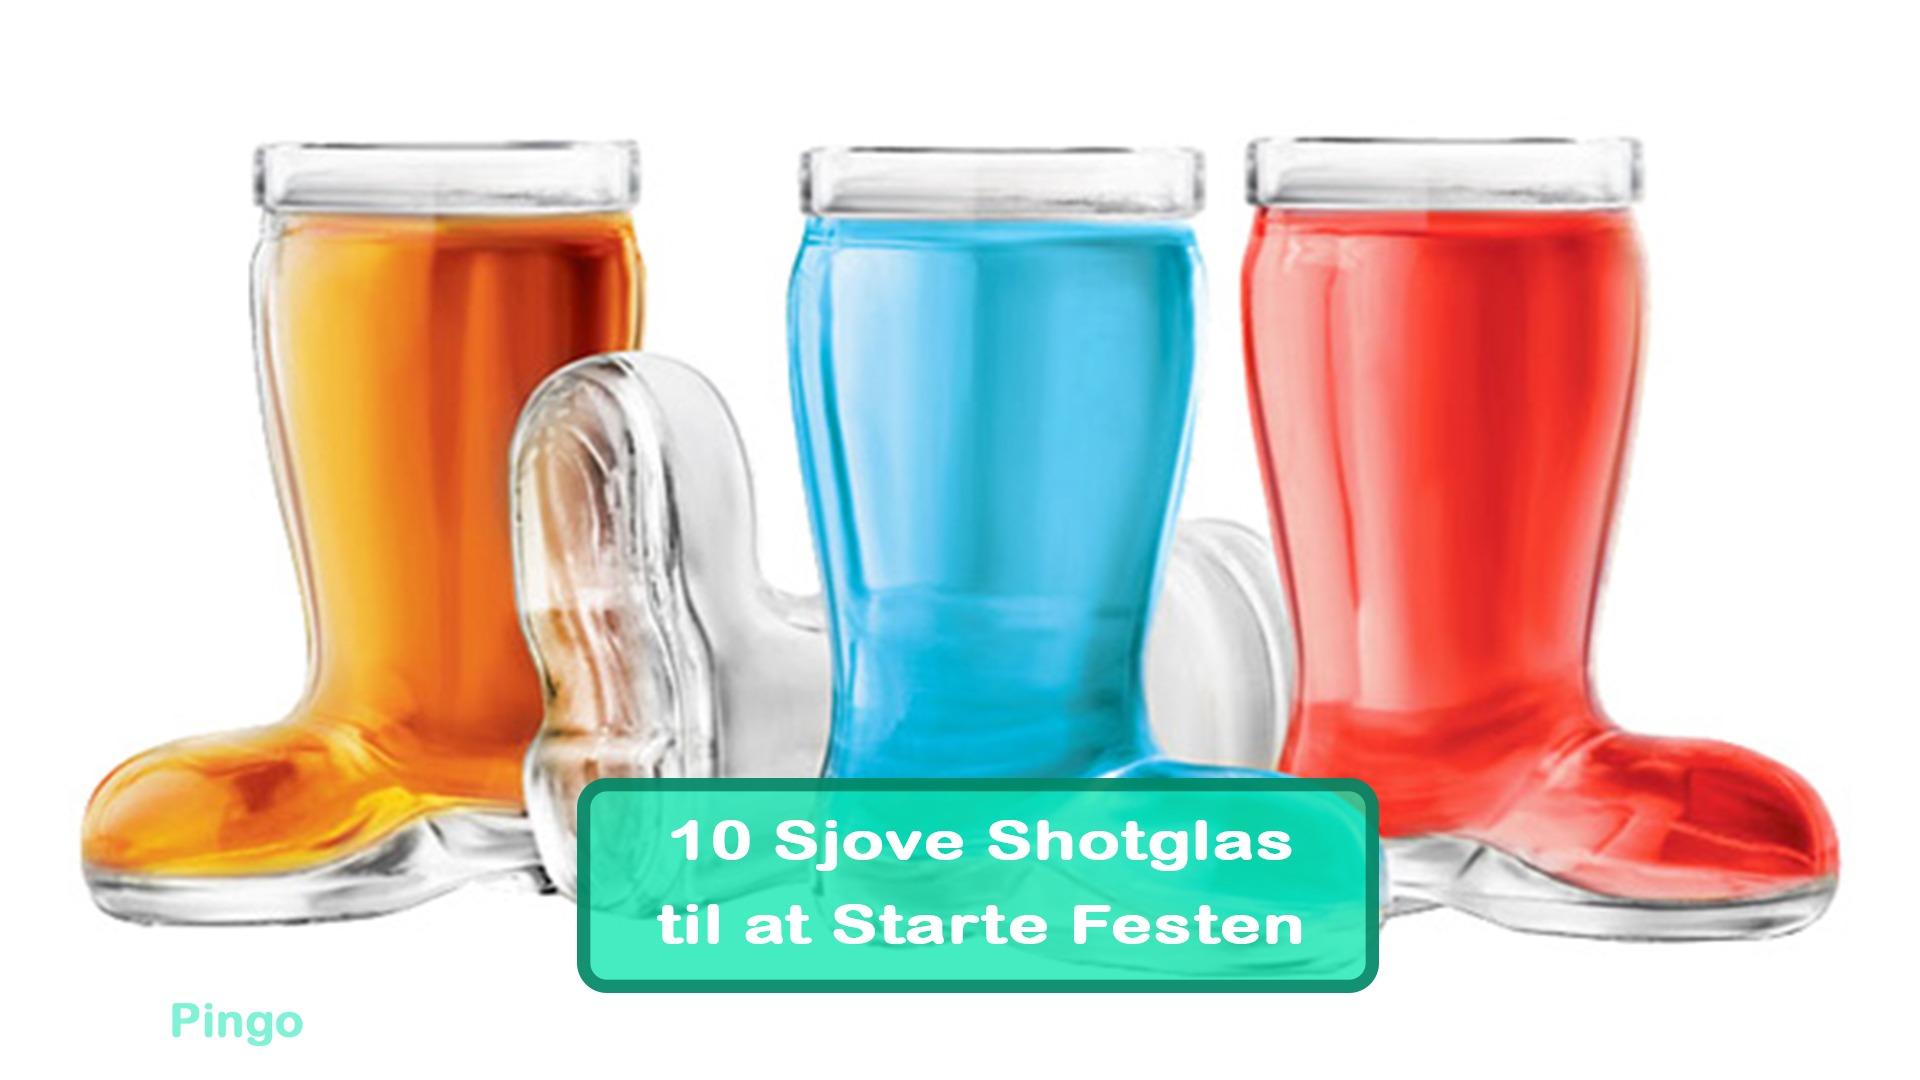 10 Sjove Shotglas til at Starte Festen